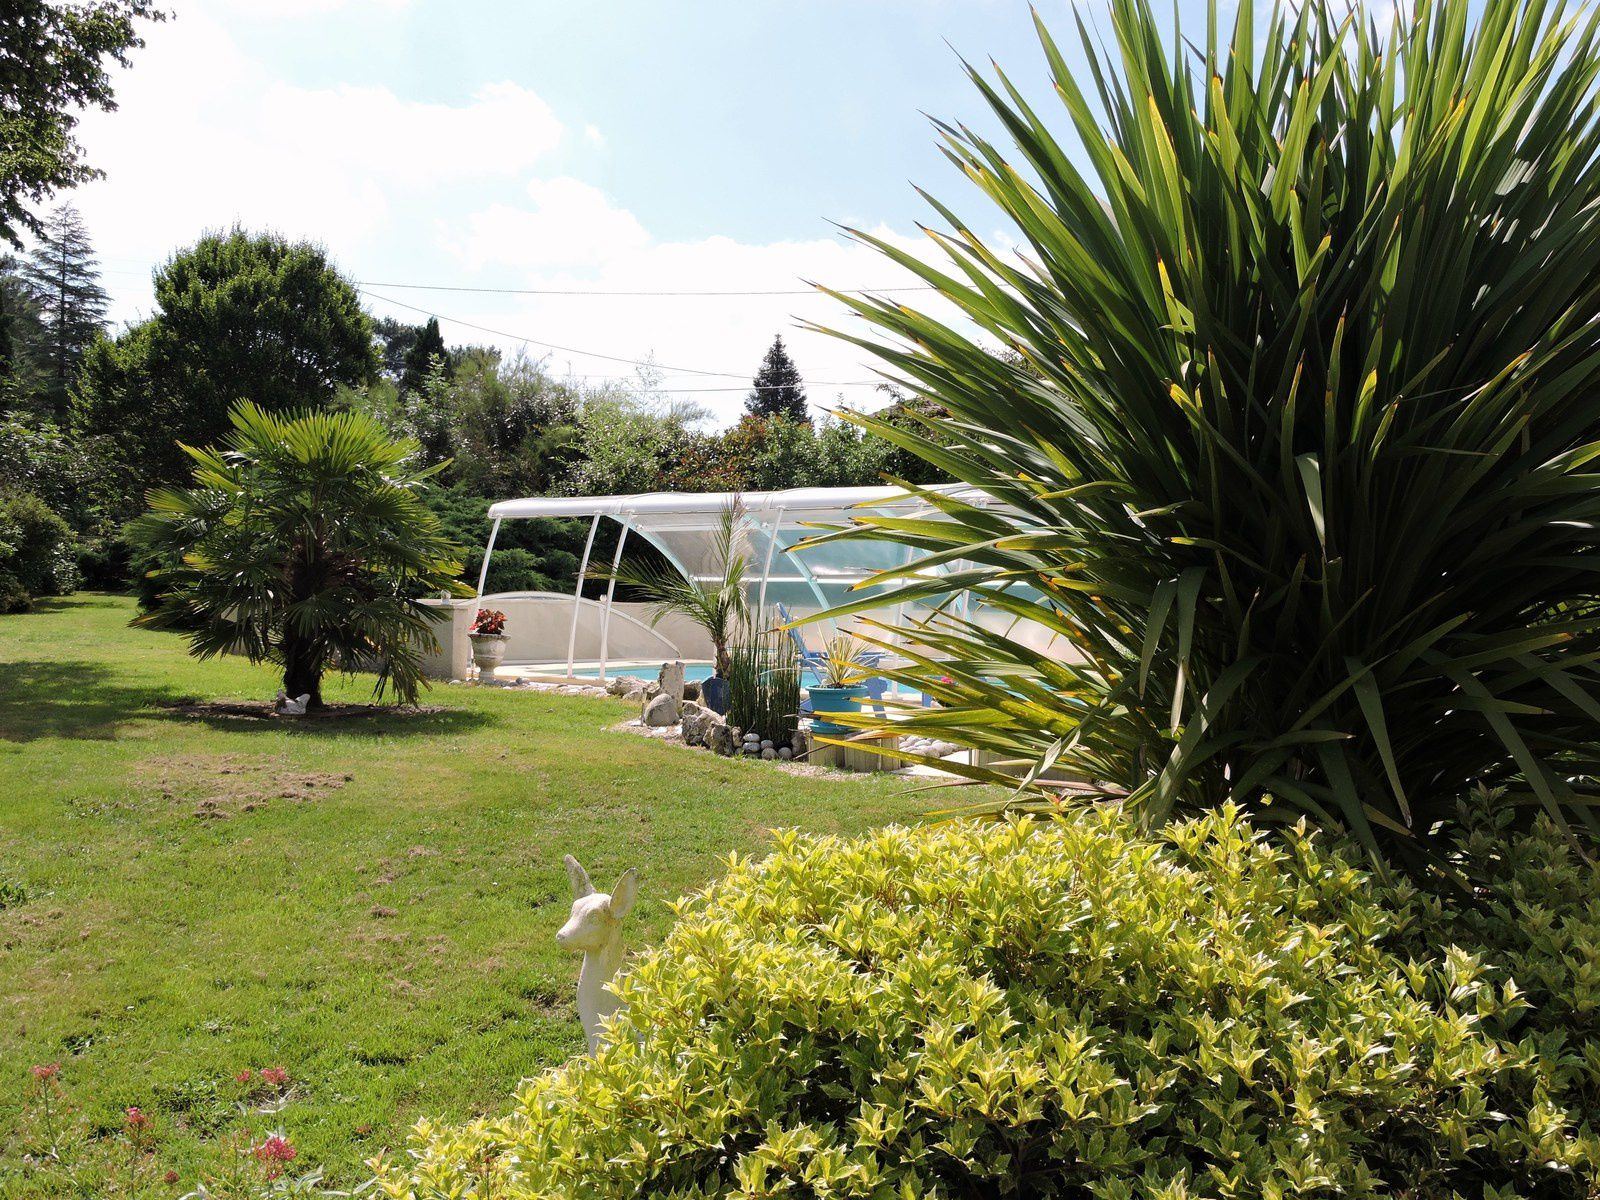 La piscine est prête pour les enfants qui reviennent à la maison pour l'été ! Nous avons ouvert le dome pour faciliter les plongeons des coquins !